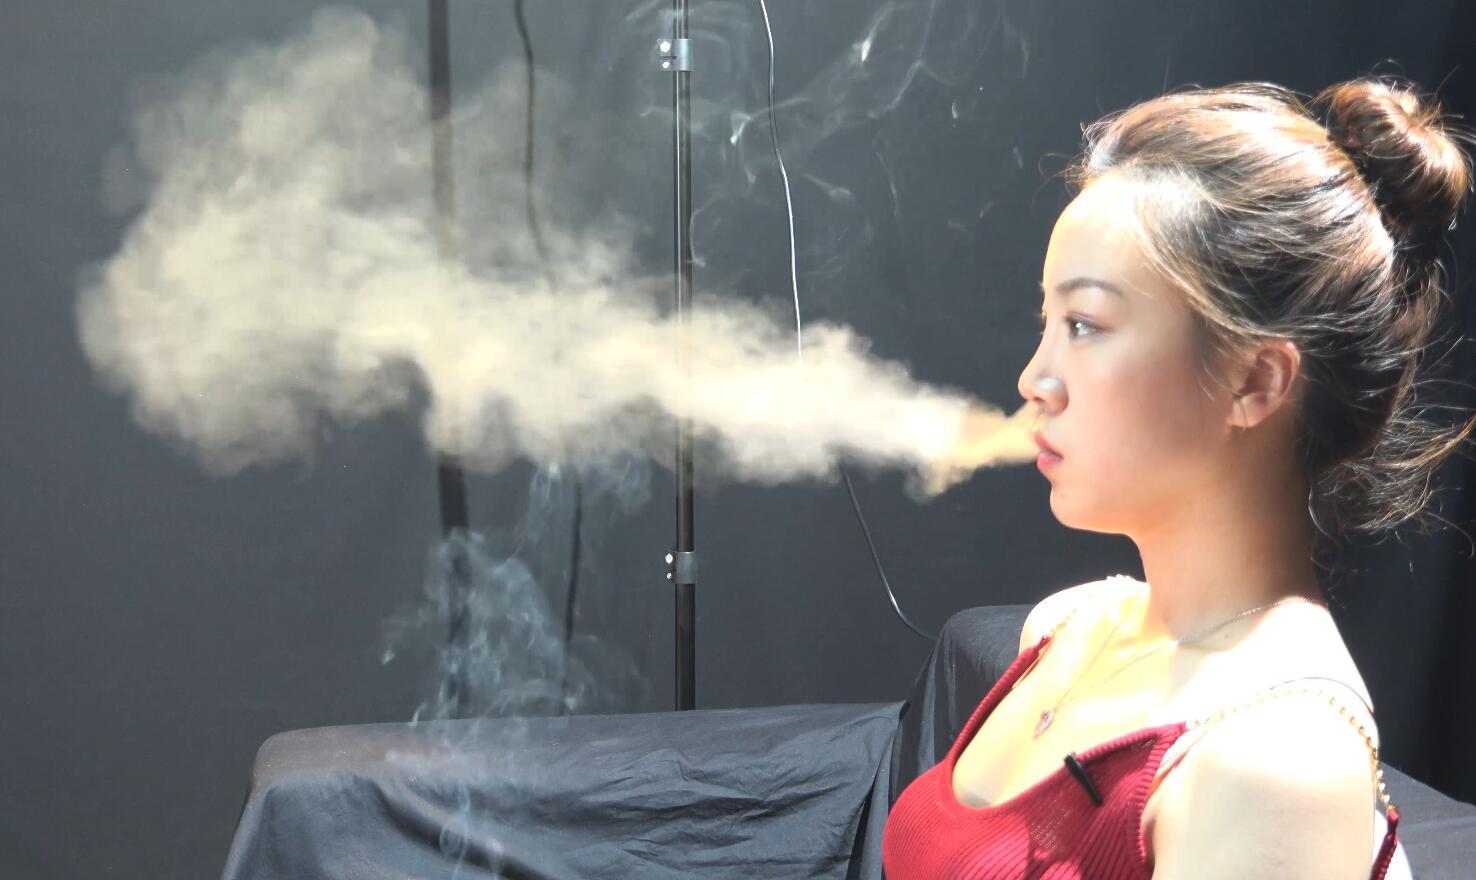 丸子头美女丝丝抽烟采访实录